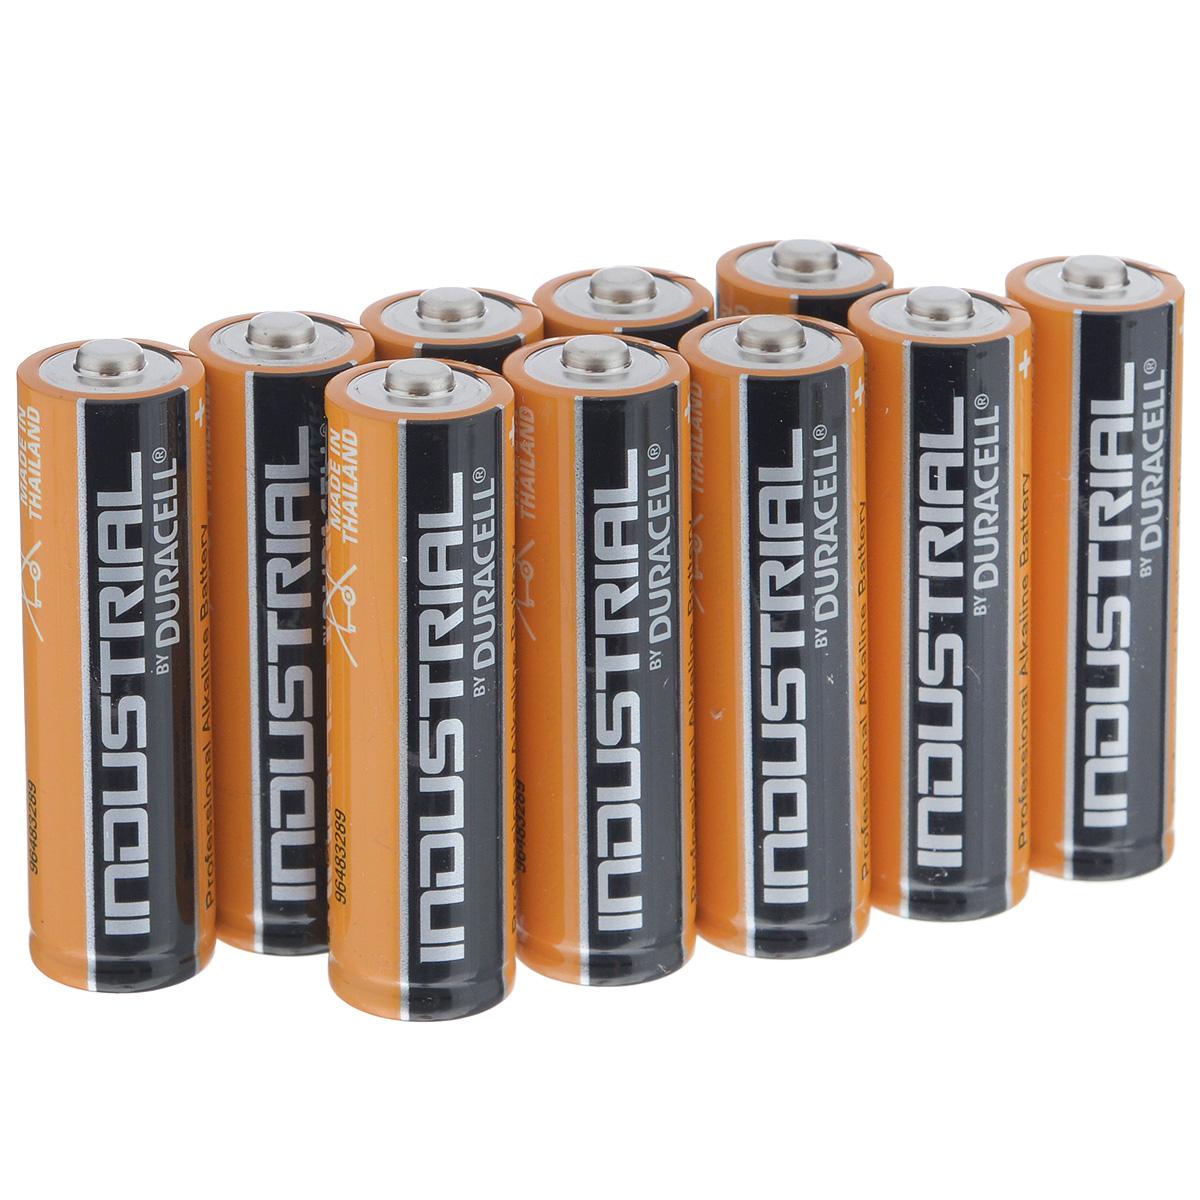 Батарейка алкалиновая Duracell Industrial LR6, тип АА, 1,5V, 10 штPRC-81481915Батарейка алкалиновая Duracell Industrial LR6 предназначена для использования в приборах с высоким потреблением электроэнергии: фотоаппараты, плееры, фонари.